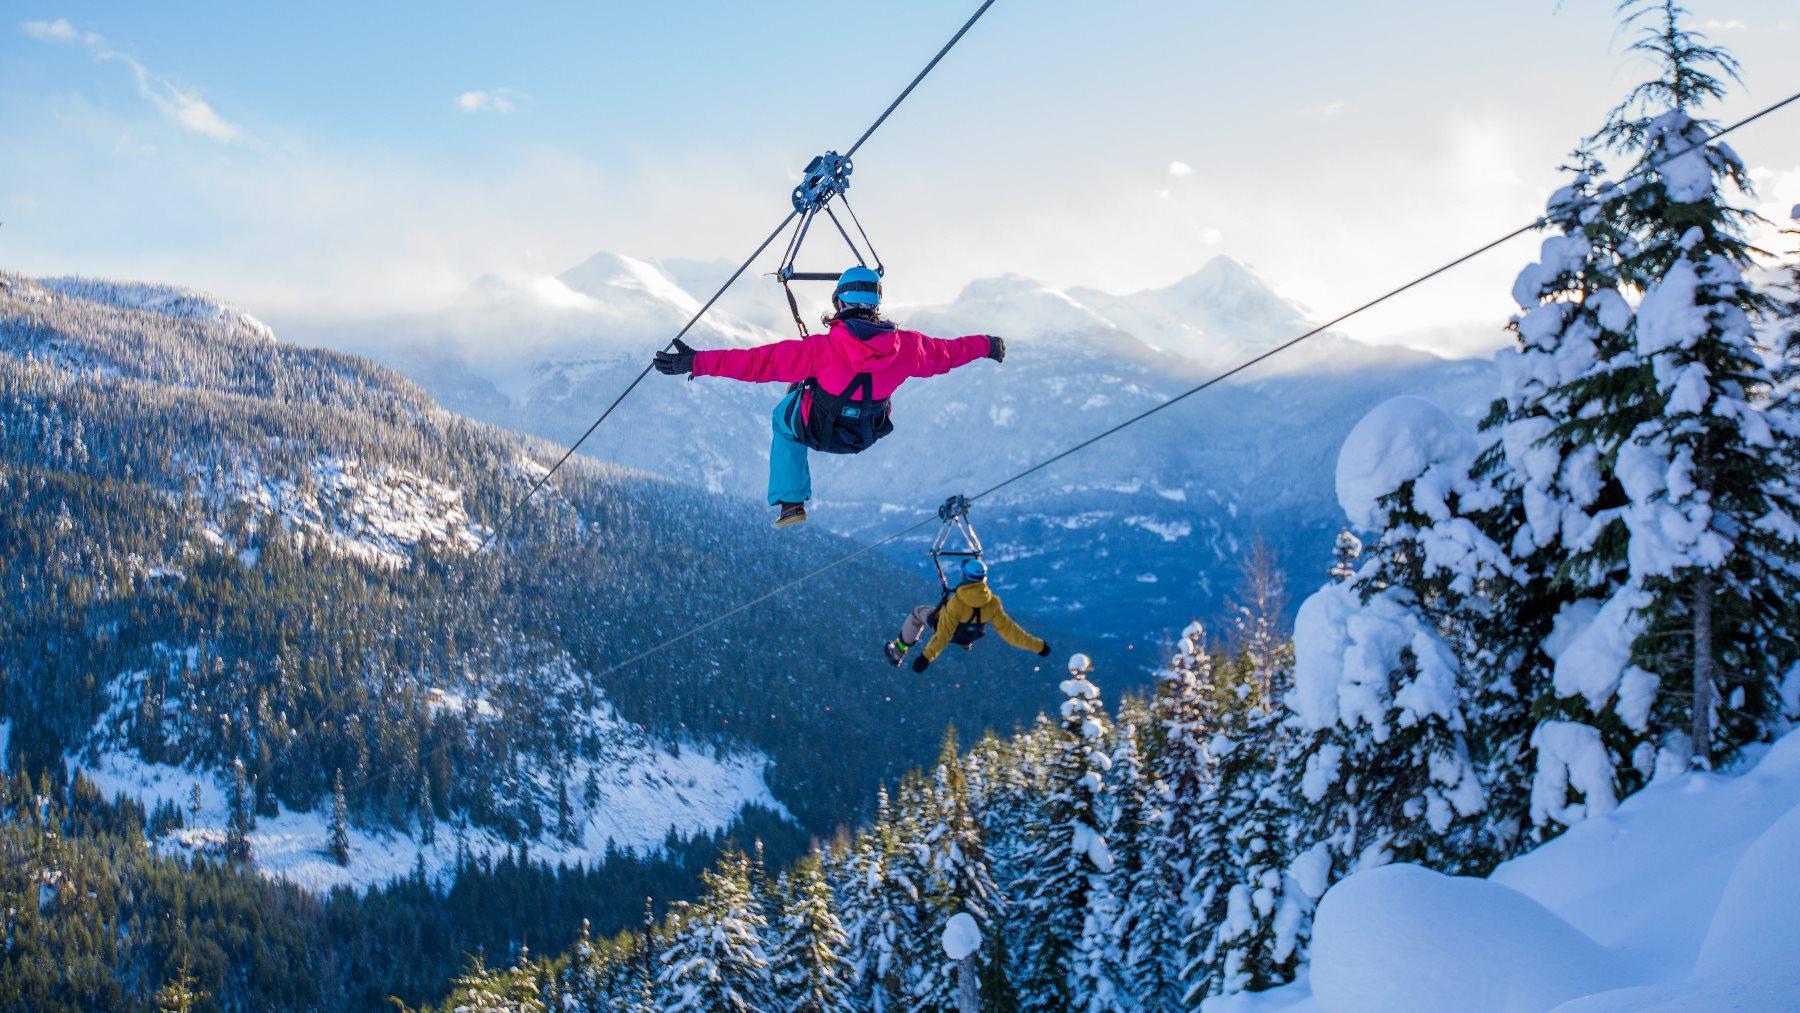 Win je wintersport naar Whistler Canada met WintersportCanadaAmerika